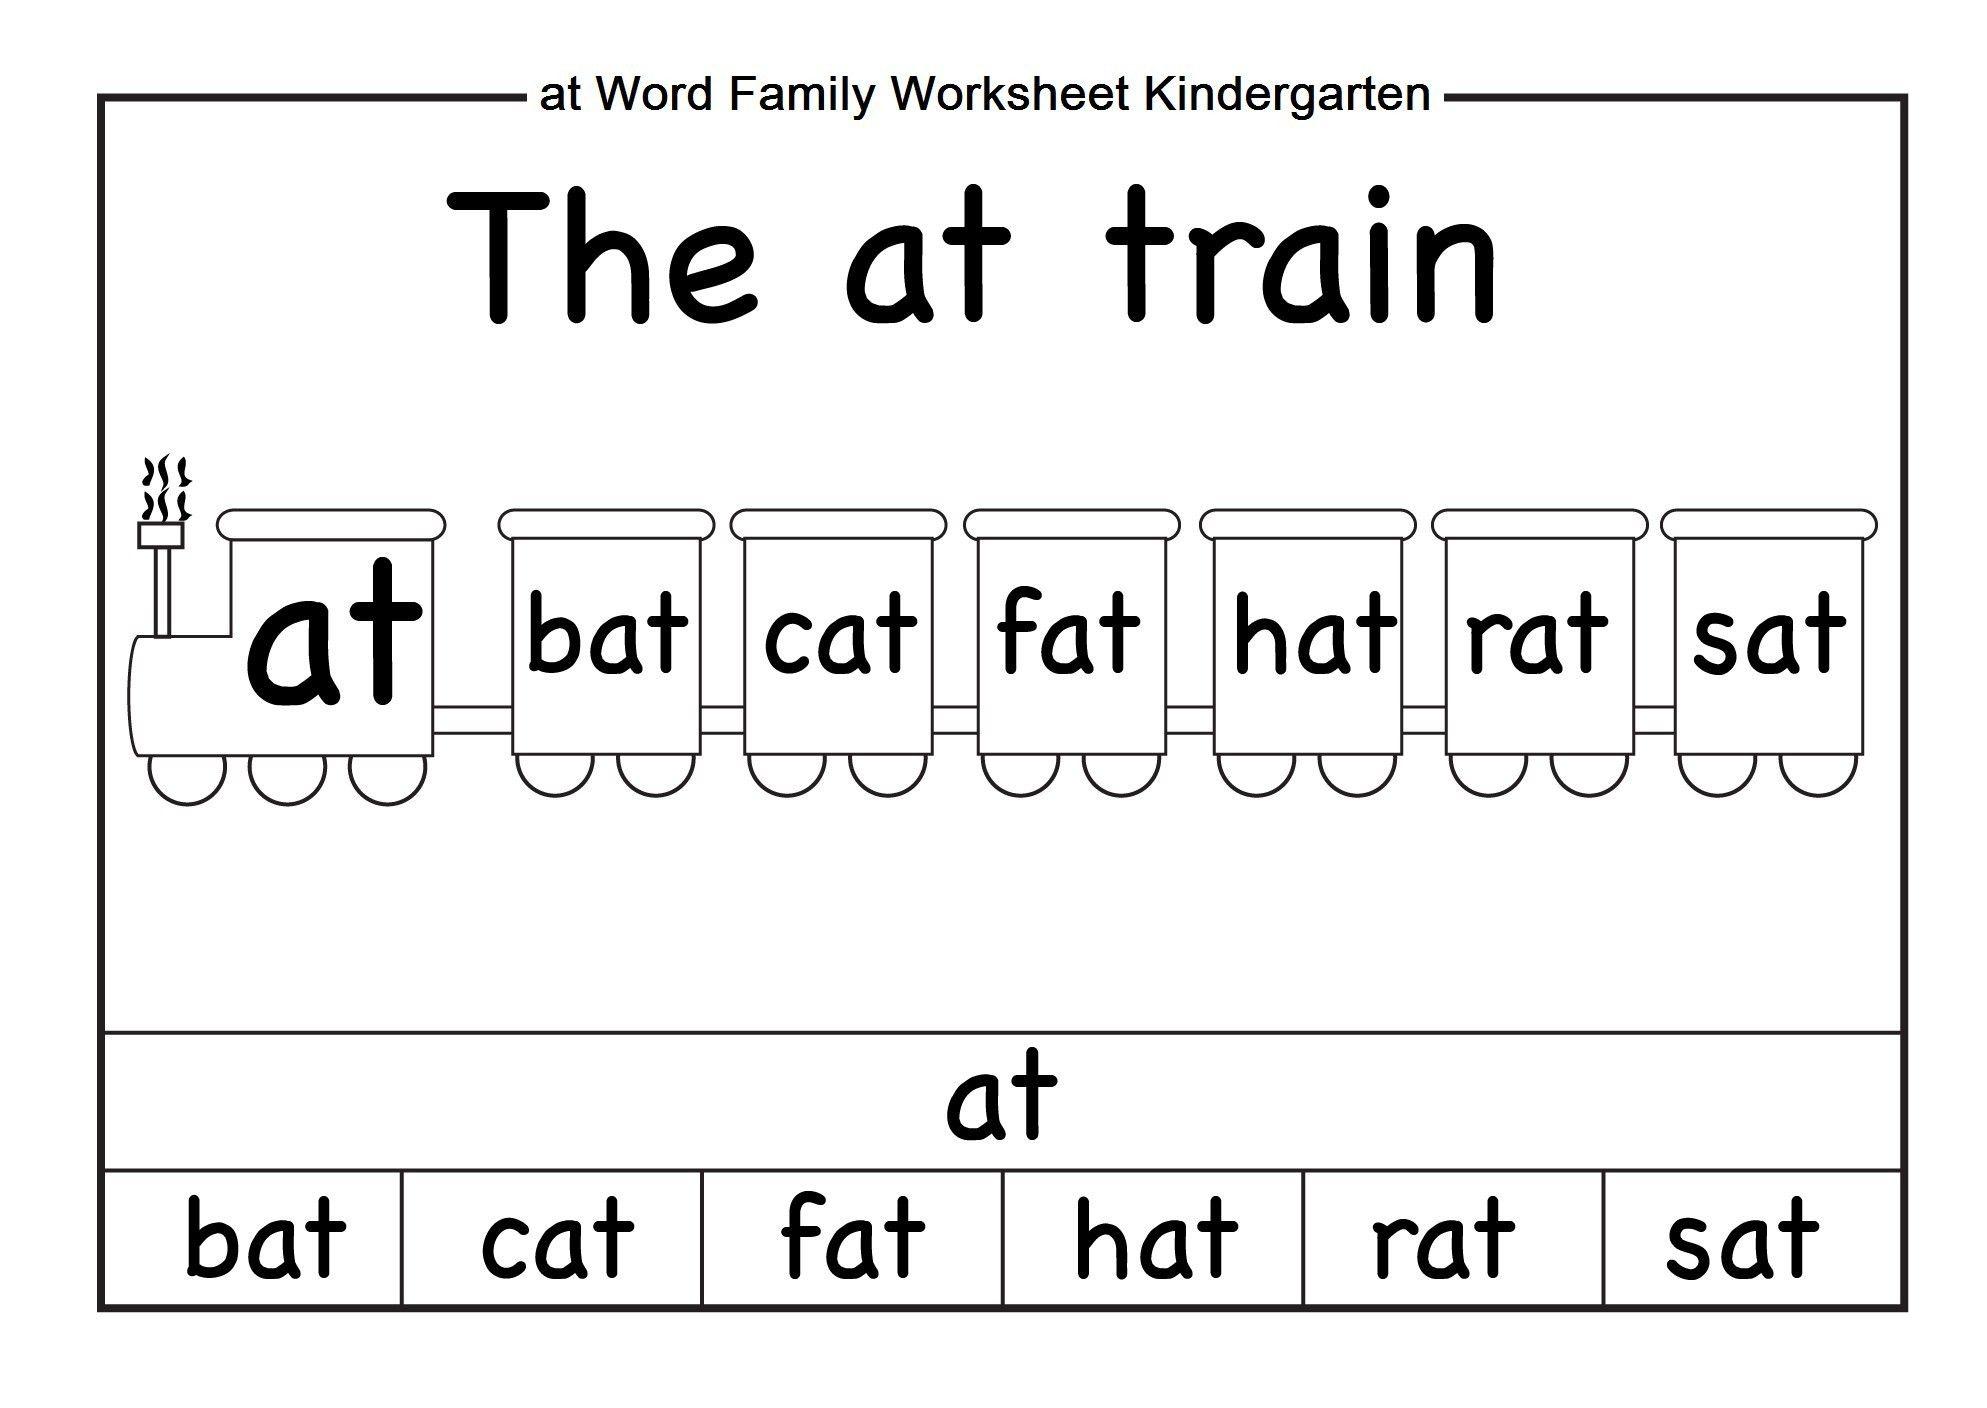 Word Family Worksheets Kindergarten - Briefencounters Worksheet - Free Printable Word Family Worksheets For Kindergarten